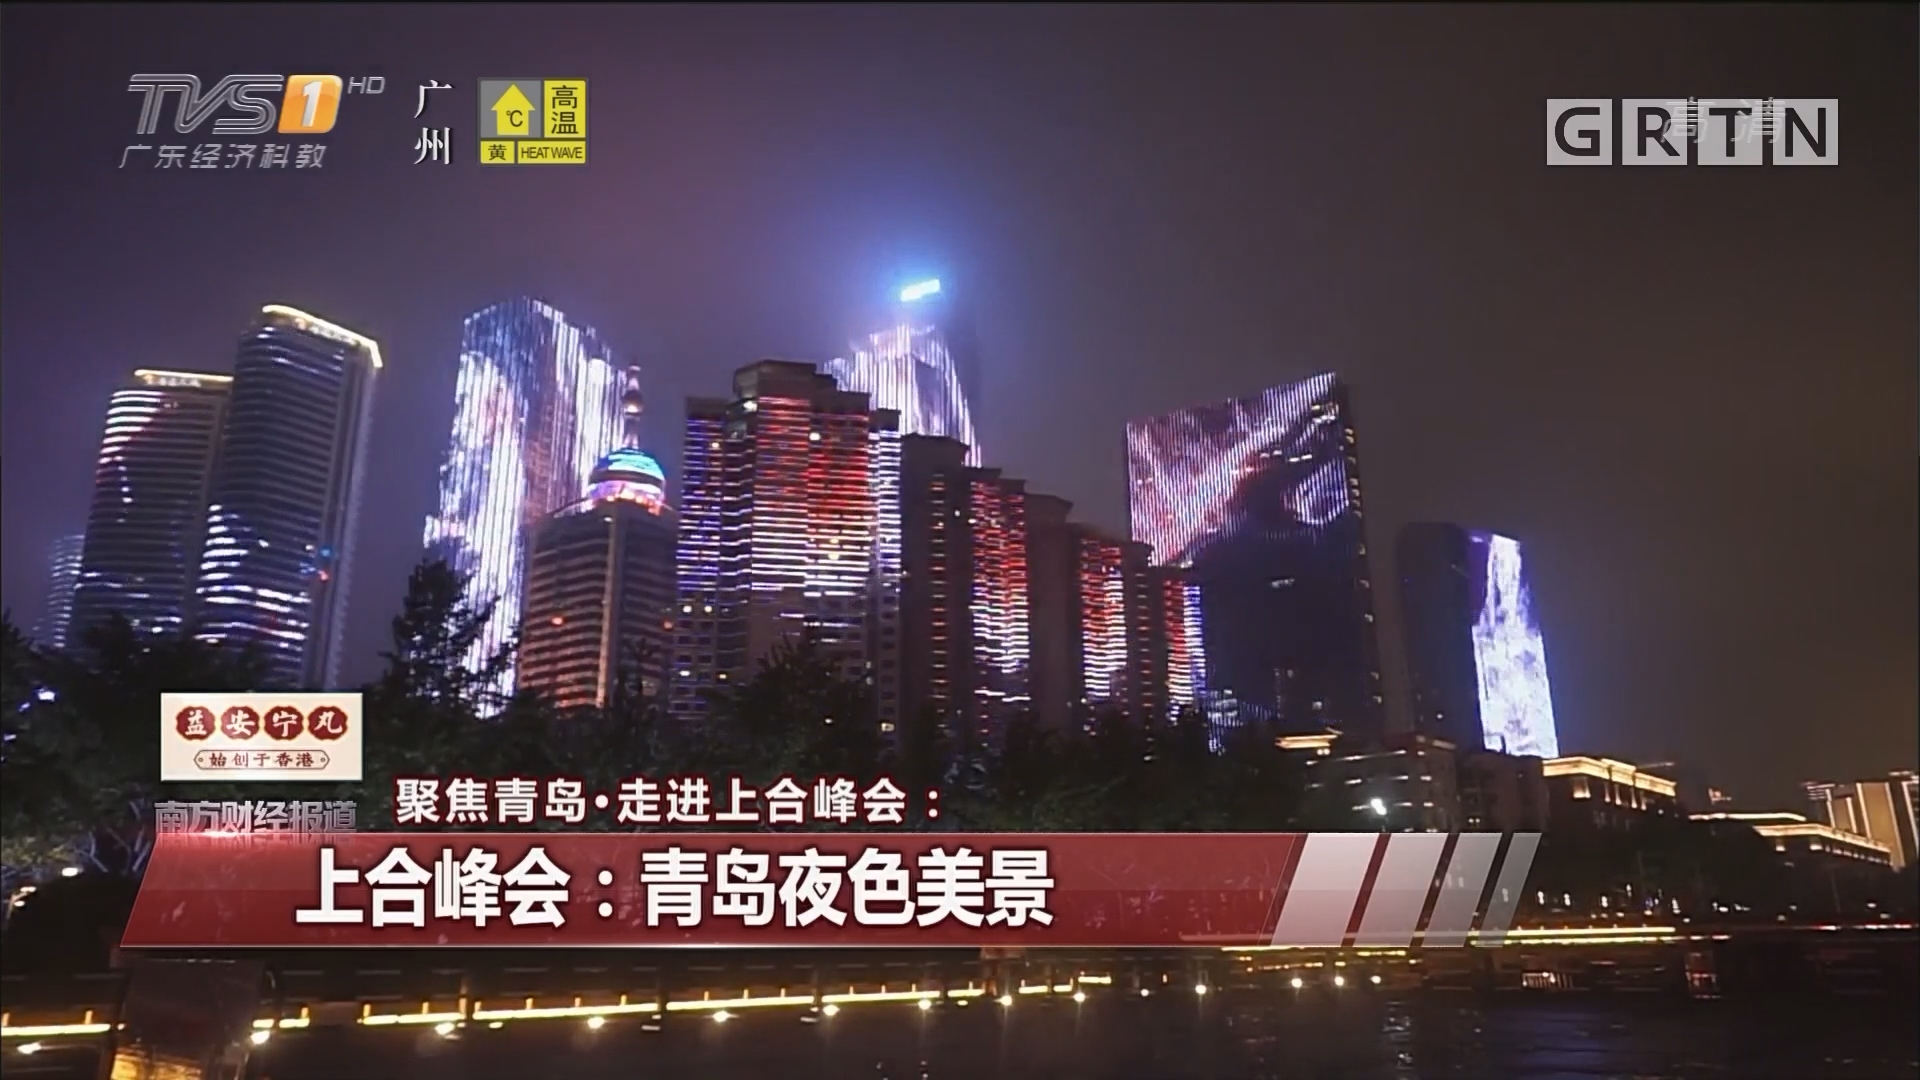 上合峰会:青岛夜色美景